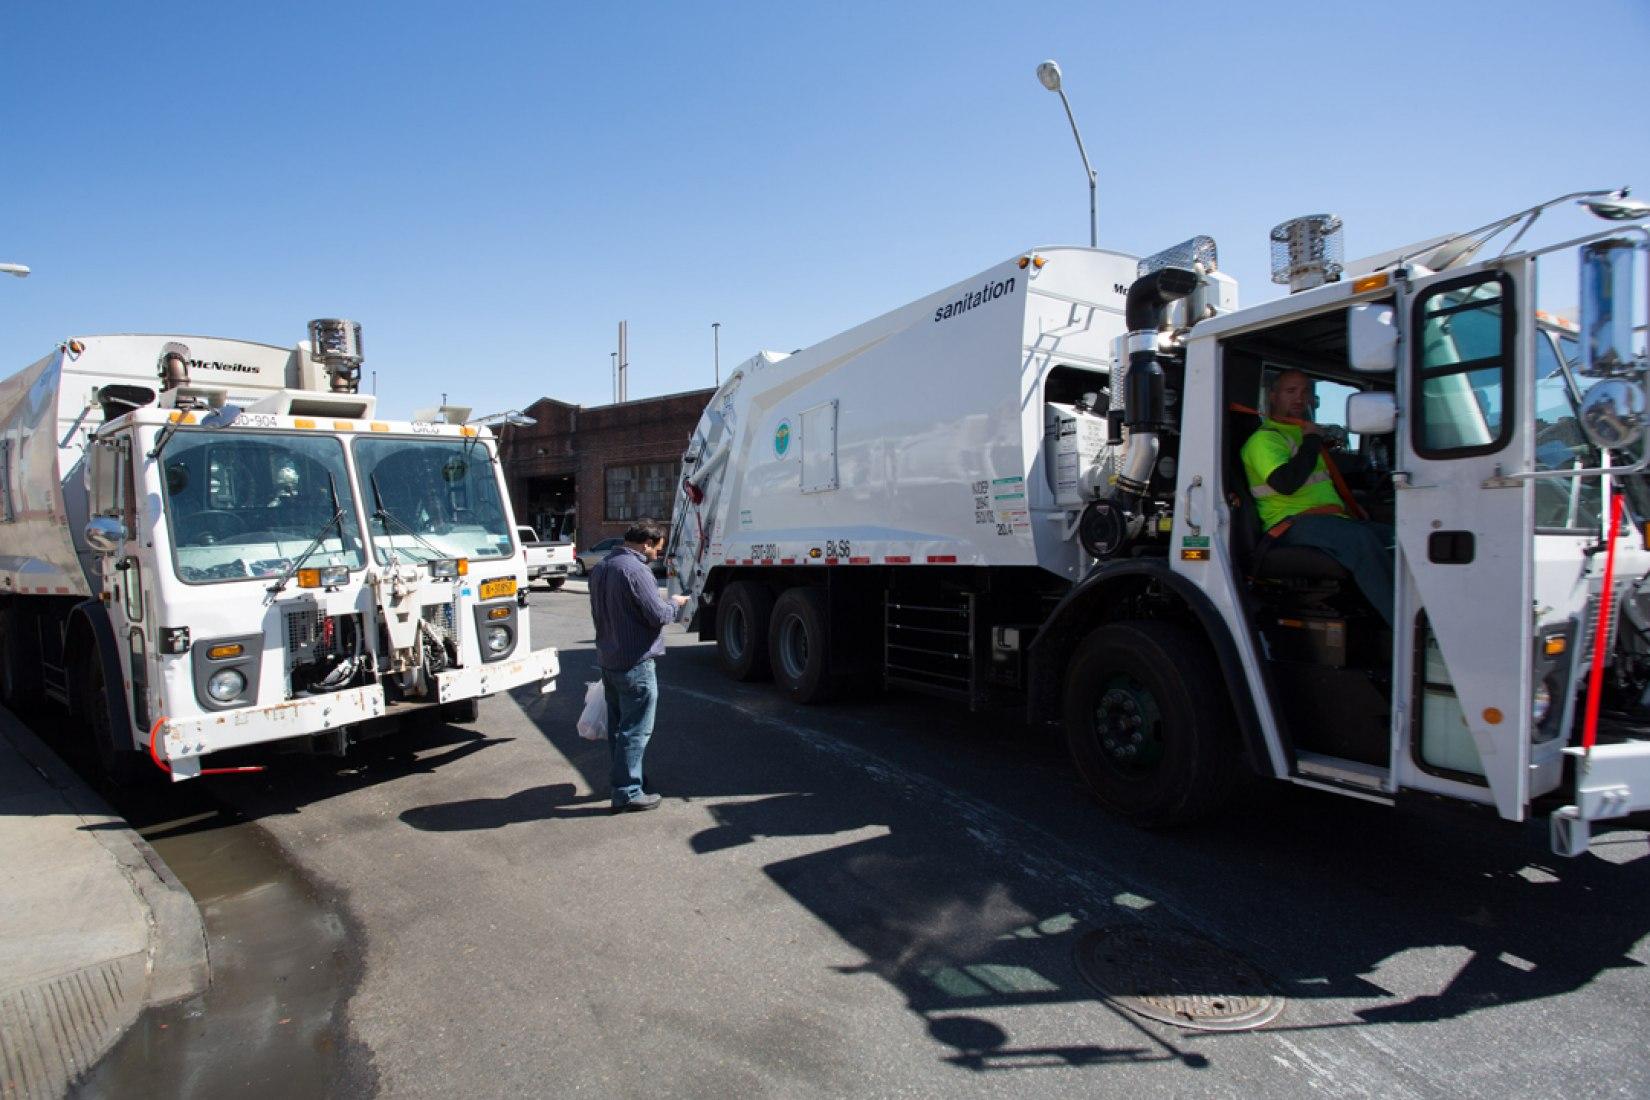 Trabajadores del Departamento de Saneamiento en el trabajo. Robin Nagle dice de los garajes que albergan los camiones: